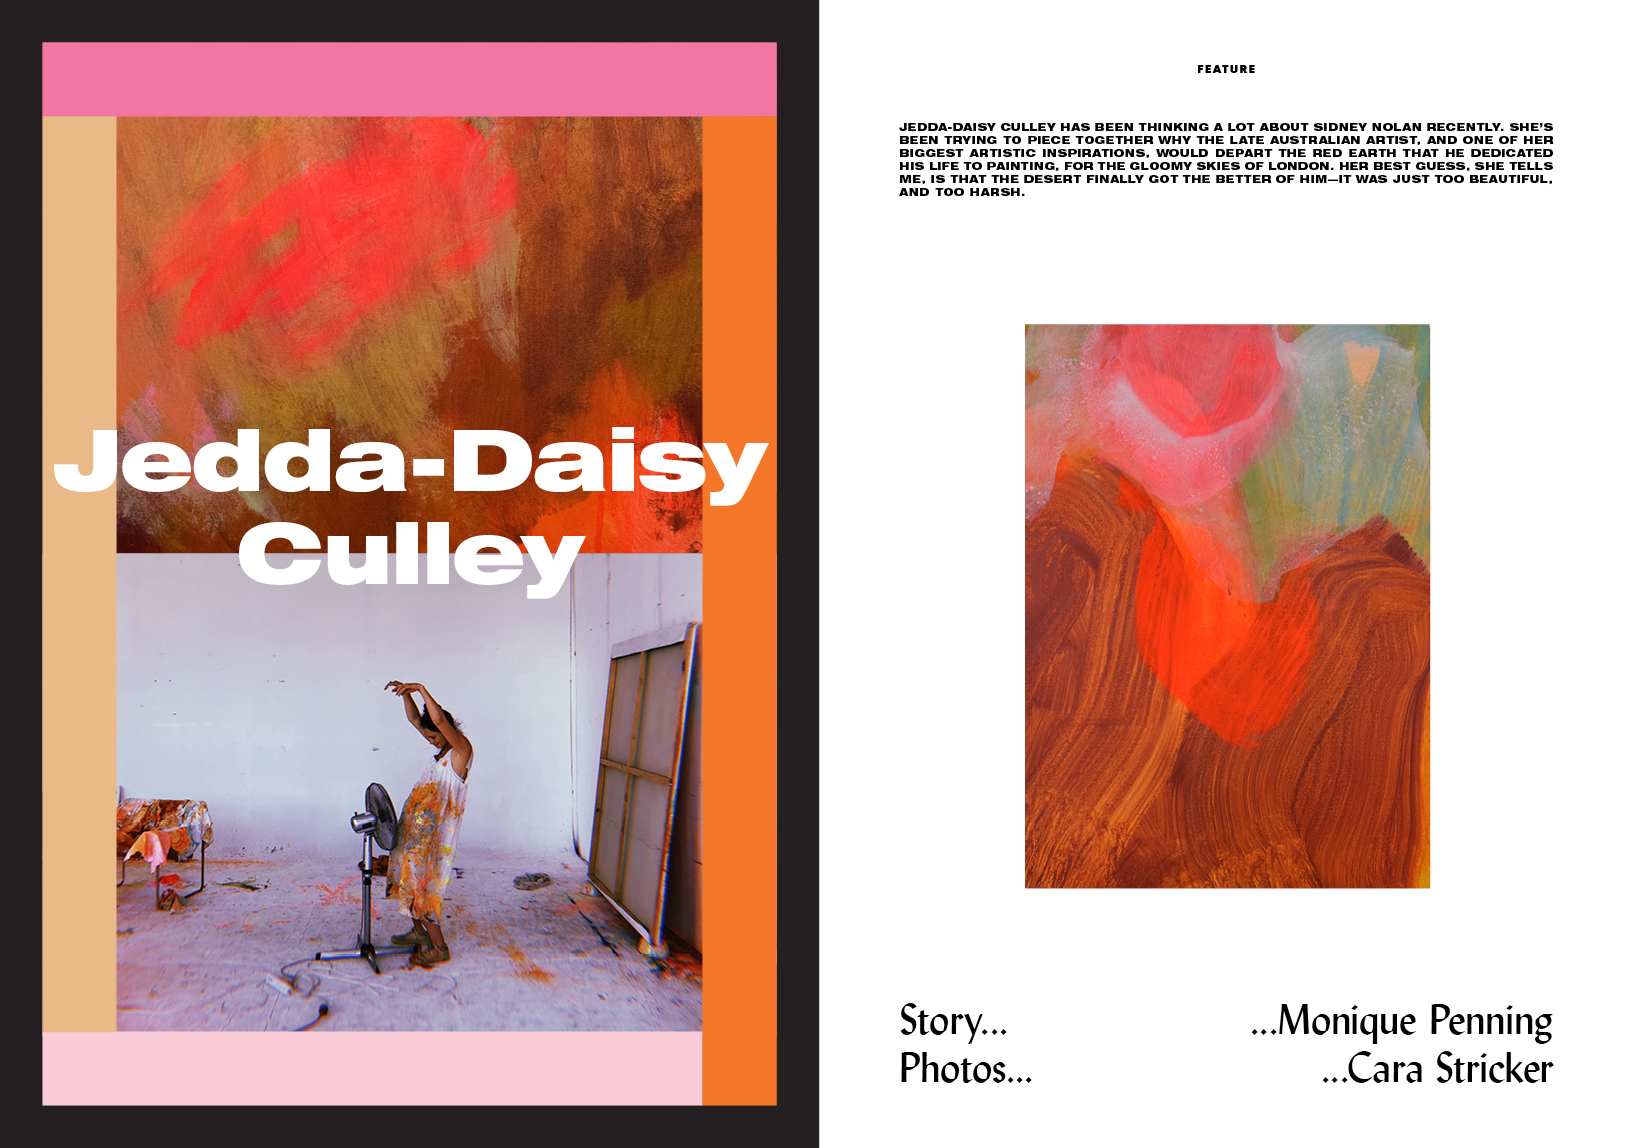 northi16p12 16 Jedda-daisy culley.jpg